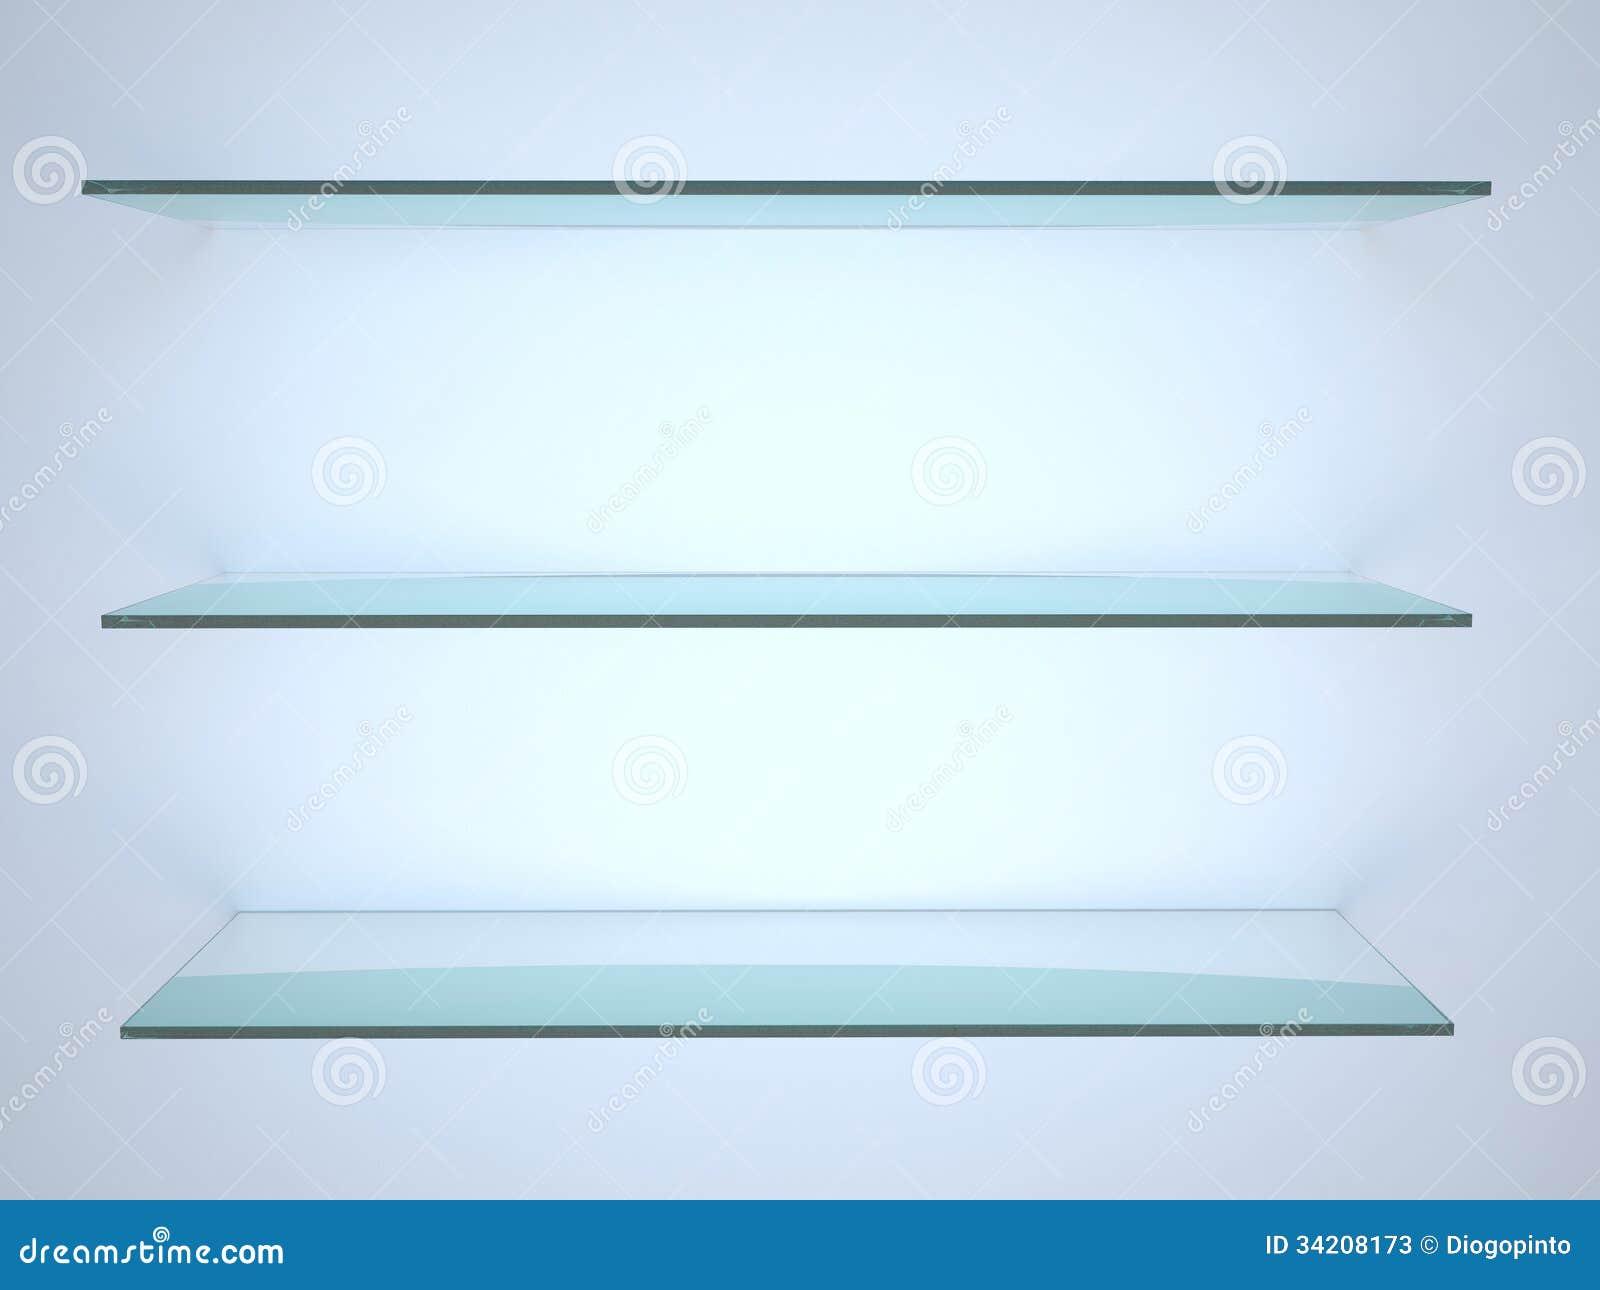 glasregal stockbild bild von platz haupt leer m bel. Black Bedroom Furniture Sets. Home Design Ideas